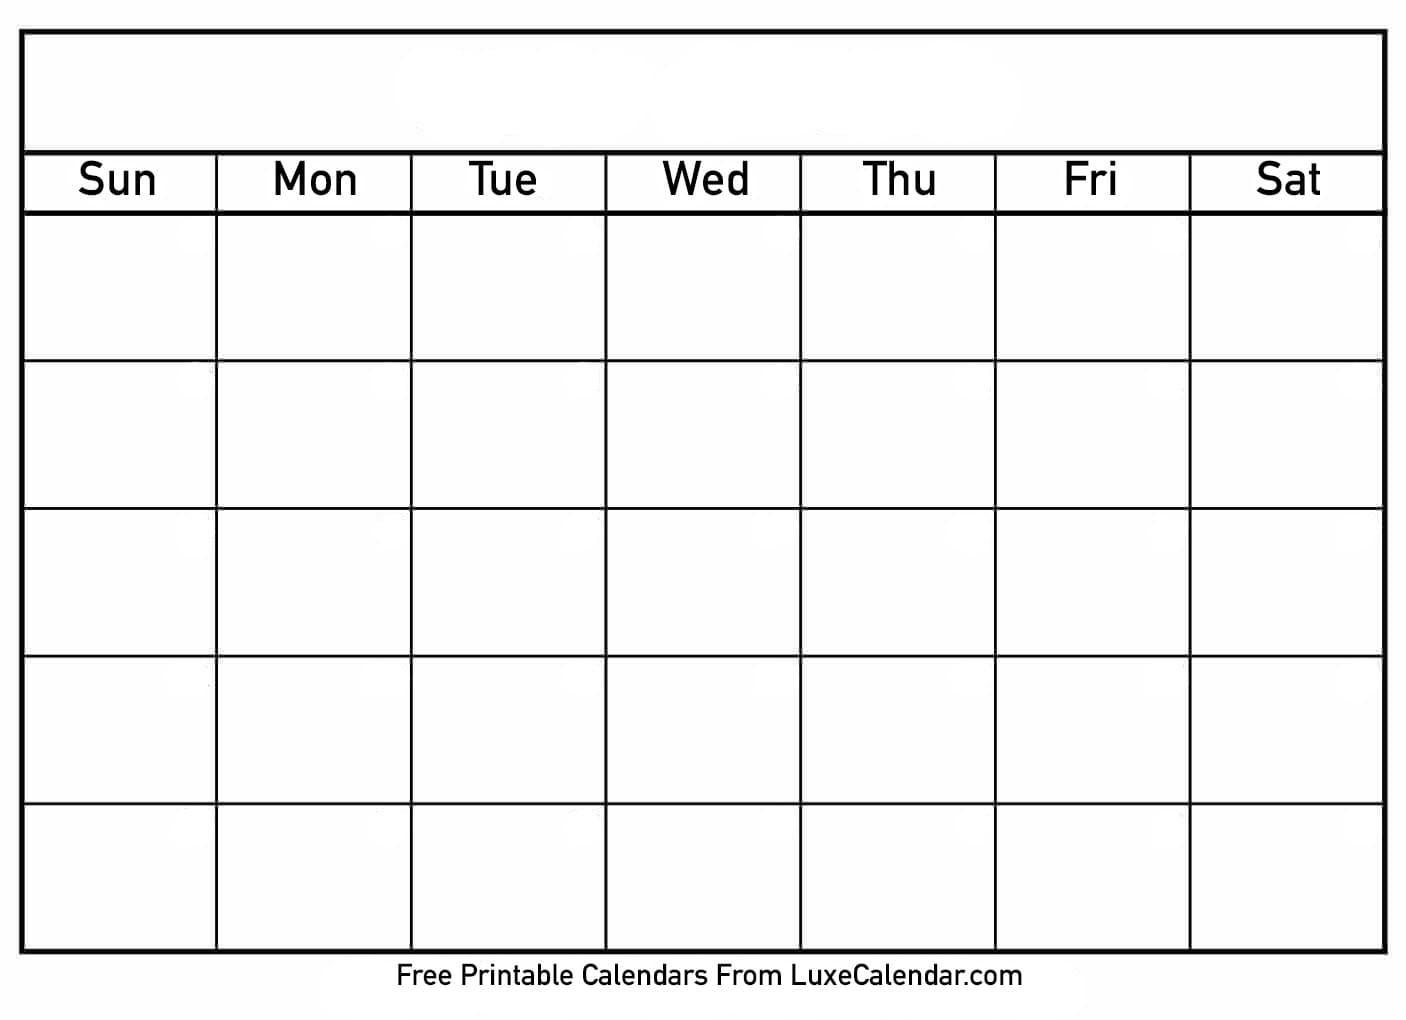 Blank Printable Calendar - Luxe Calendar  Printable Calendar Templates Full Page